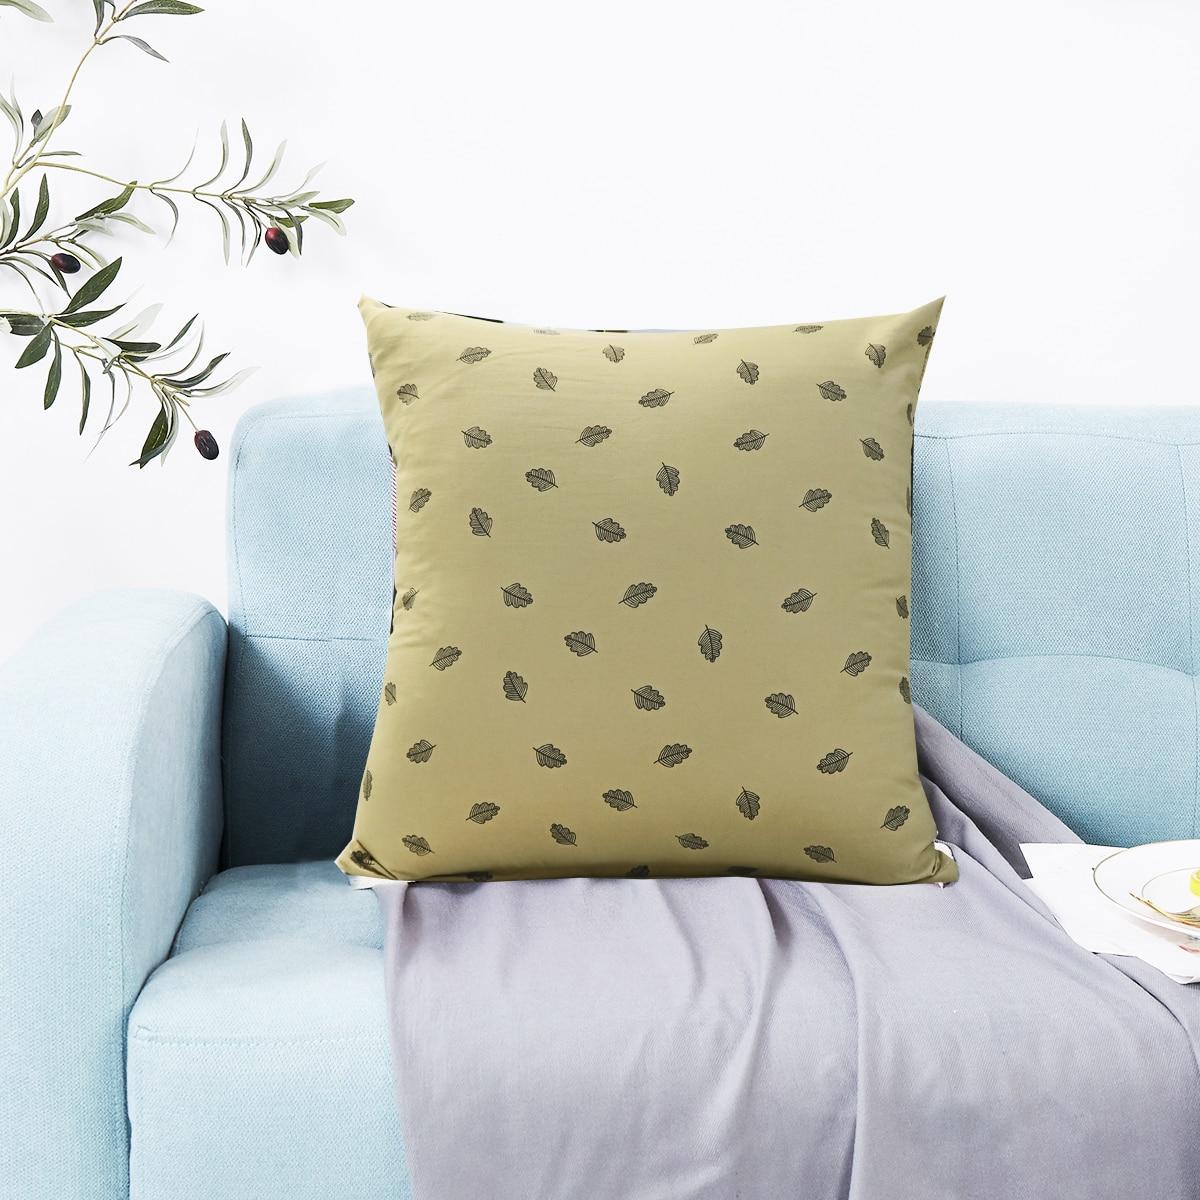 ехол для подушки с лиственным принтом